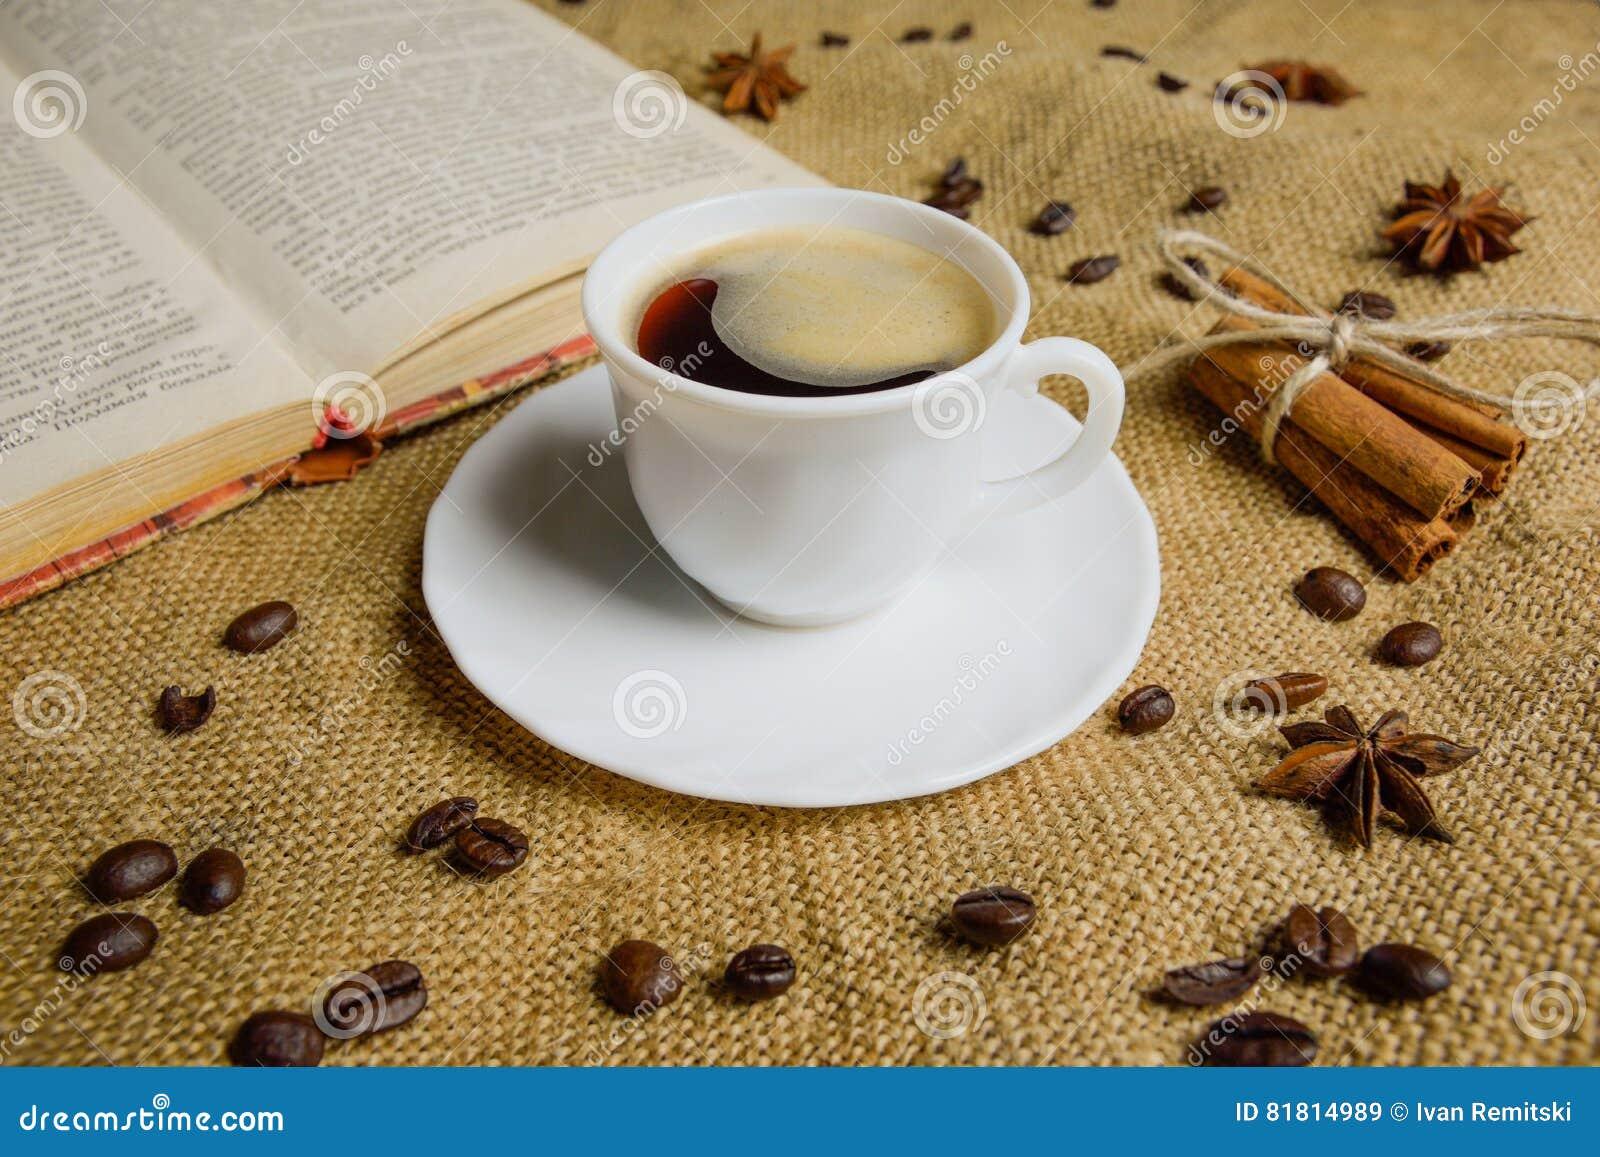 Чашка кофе на предпосылке мешковины с книгой макрос кофе завтрака фасолей идеально изолированный над белизной одушевляя